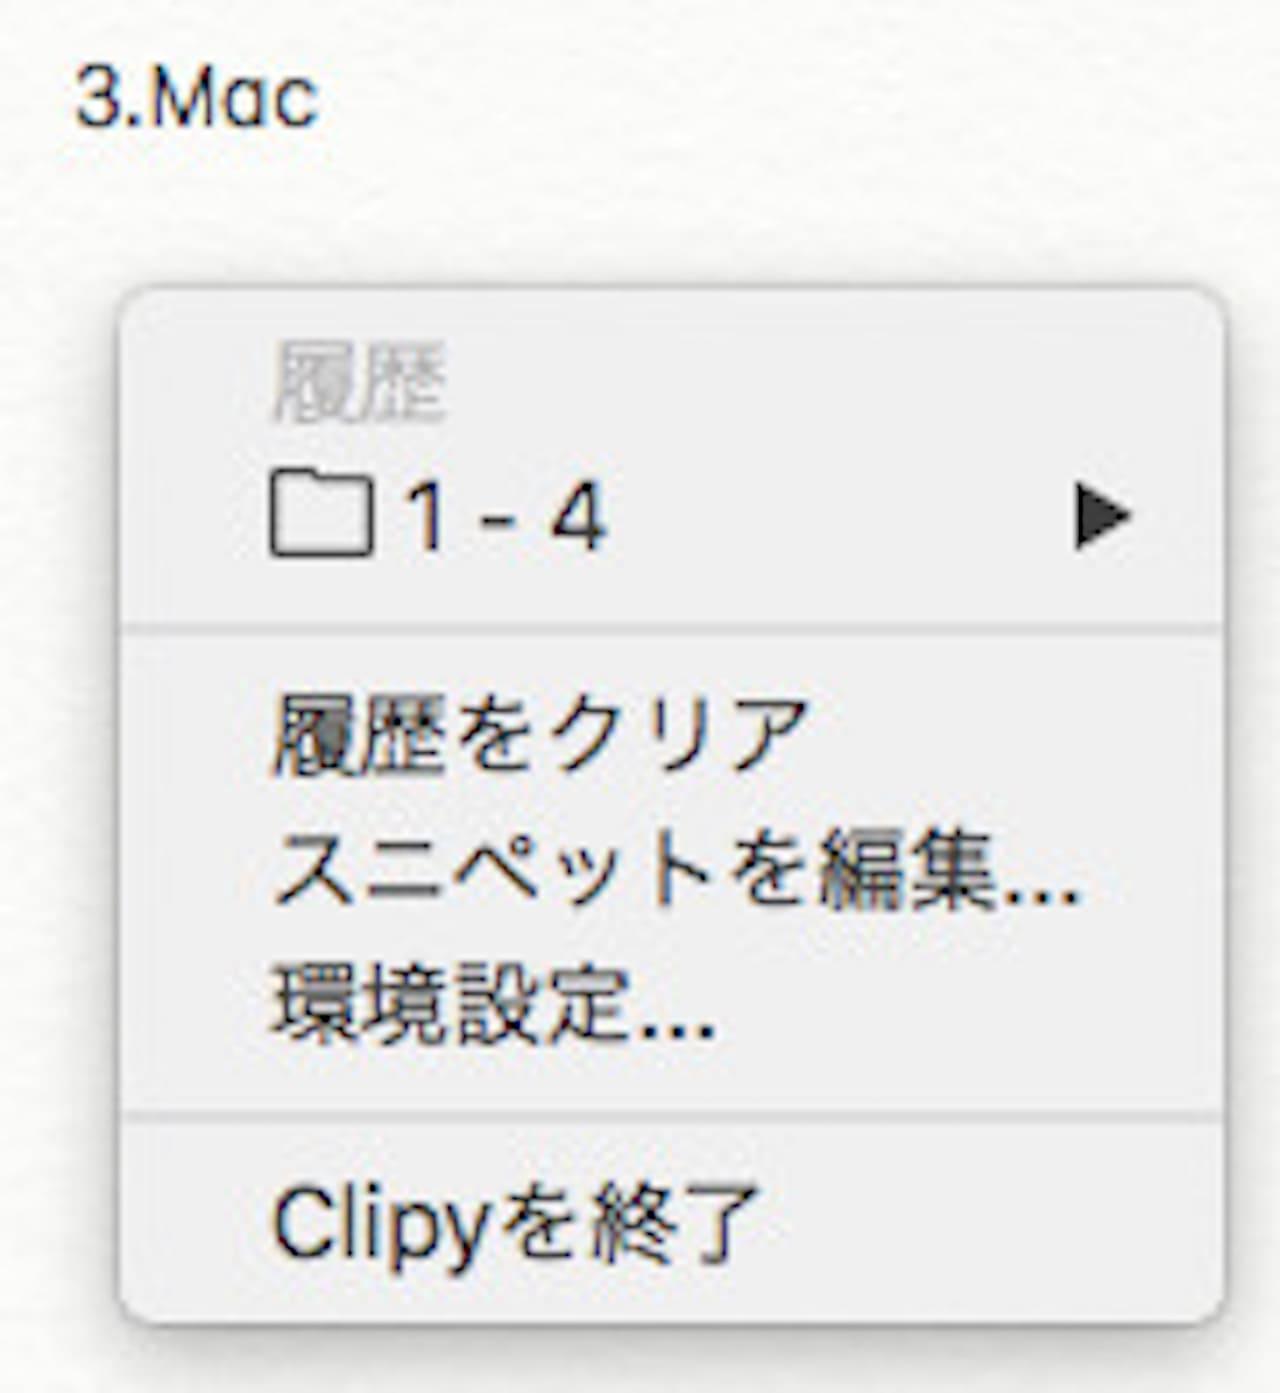 Clipyの使い方③